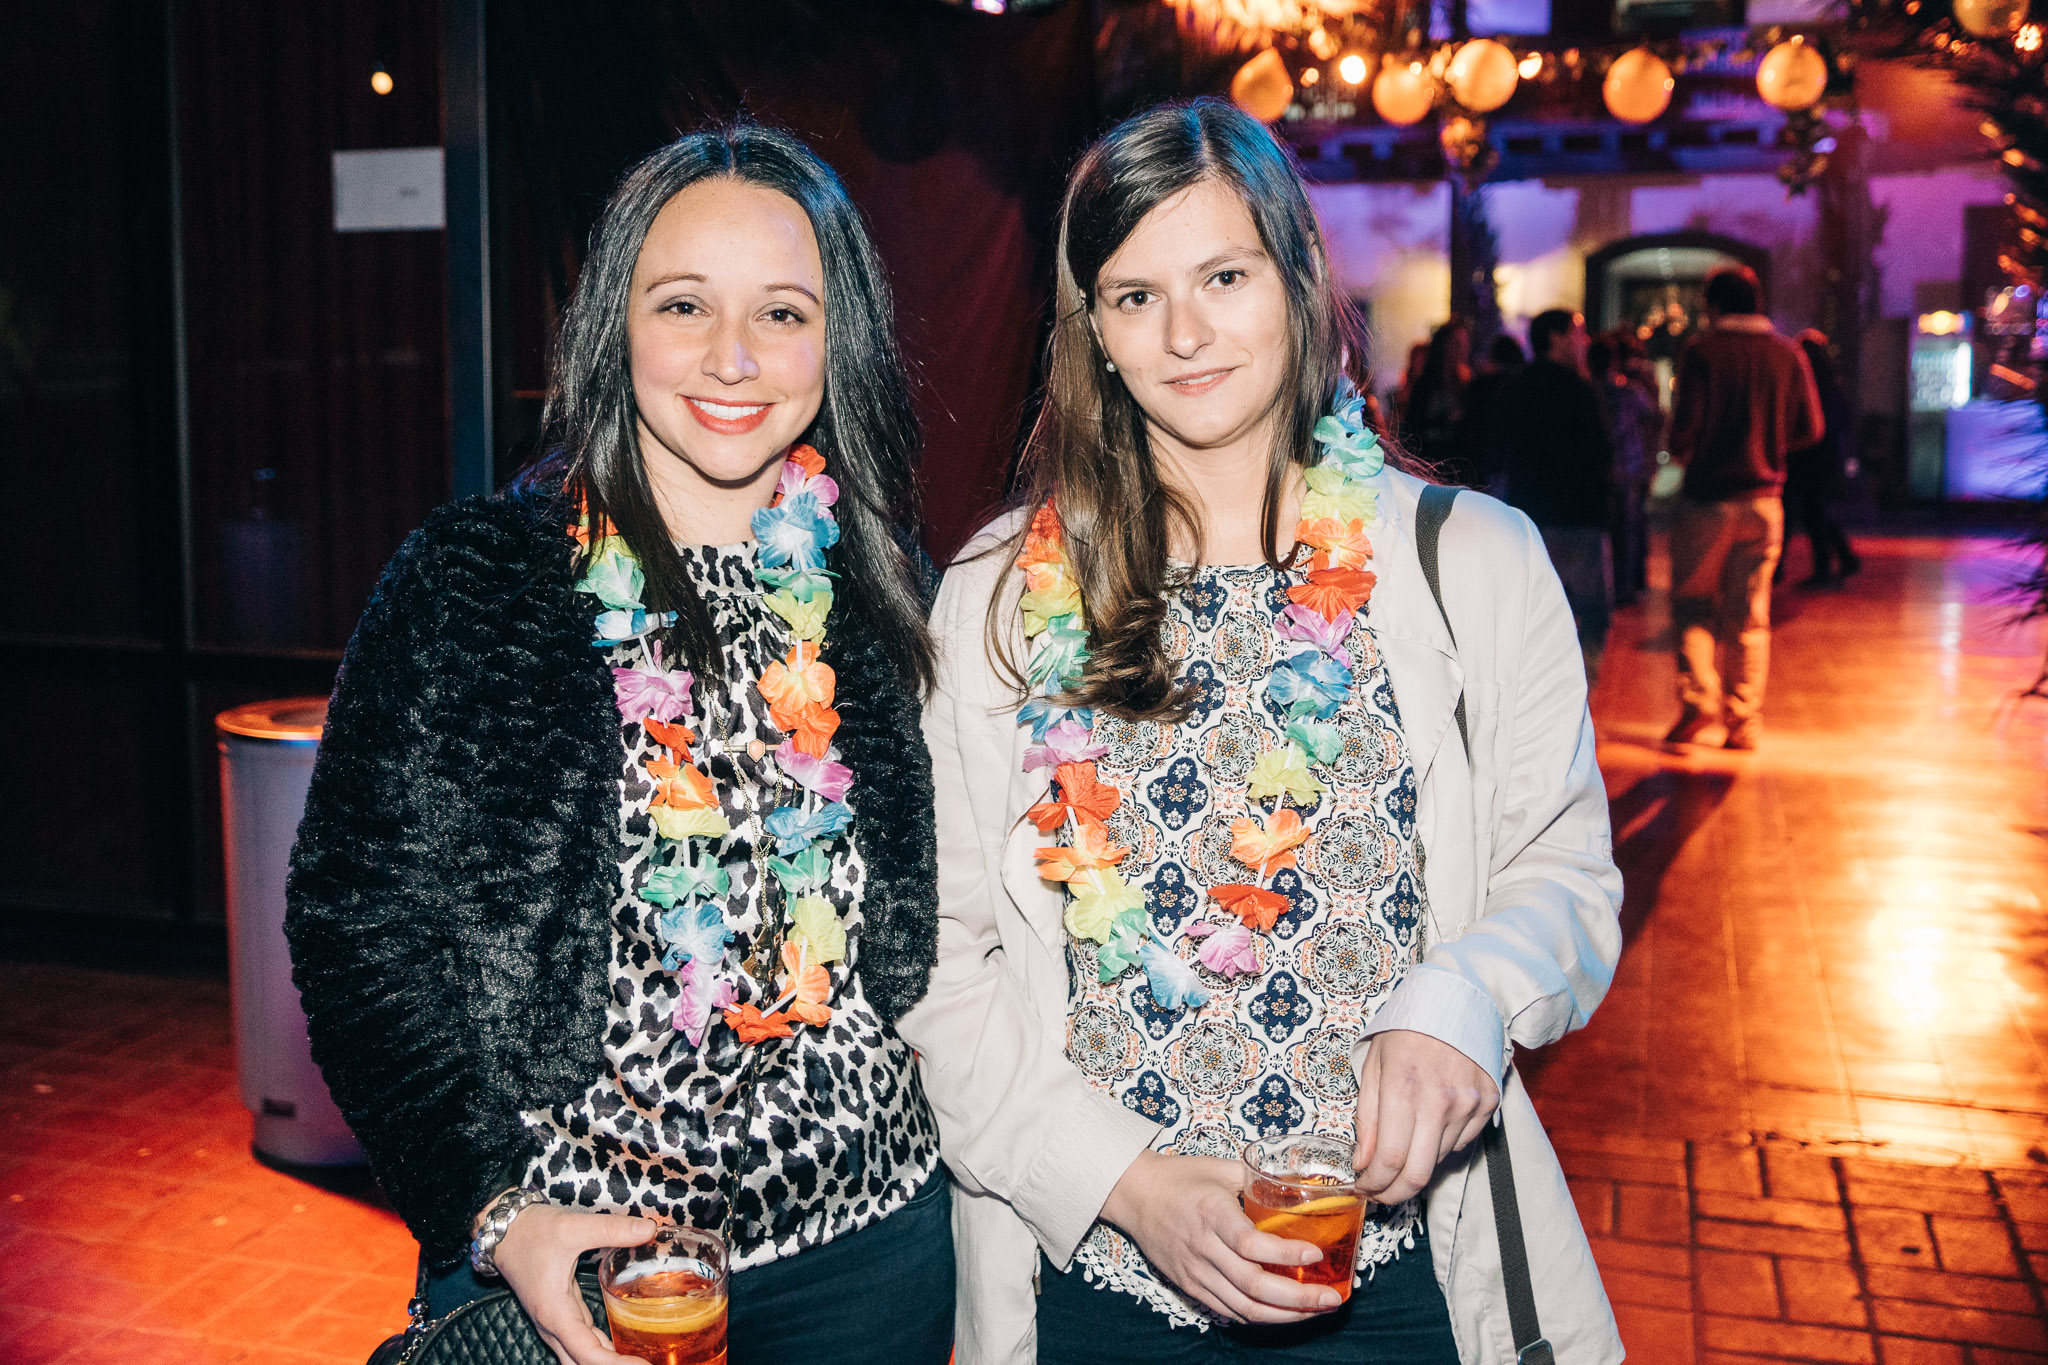 Macarena Salas y Josefina Benoit.